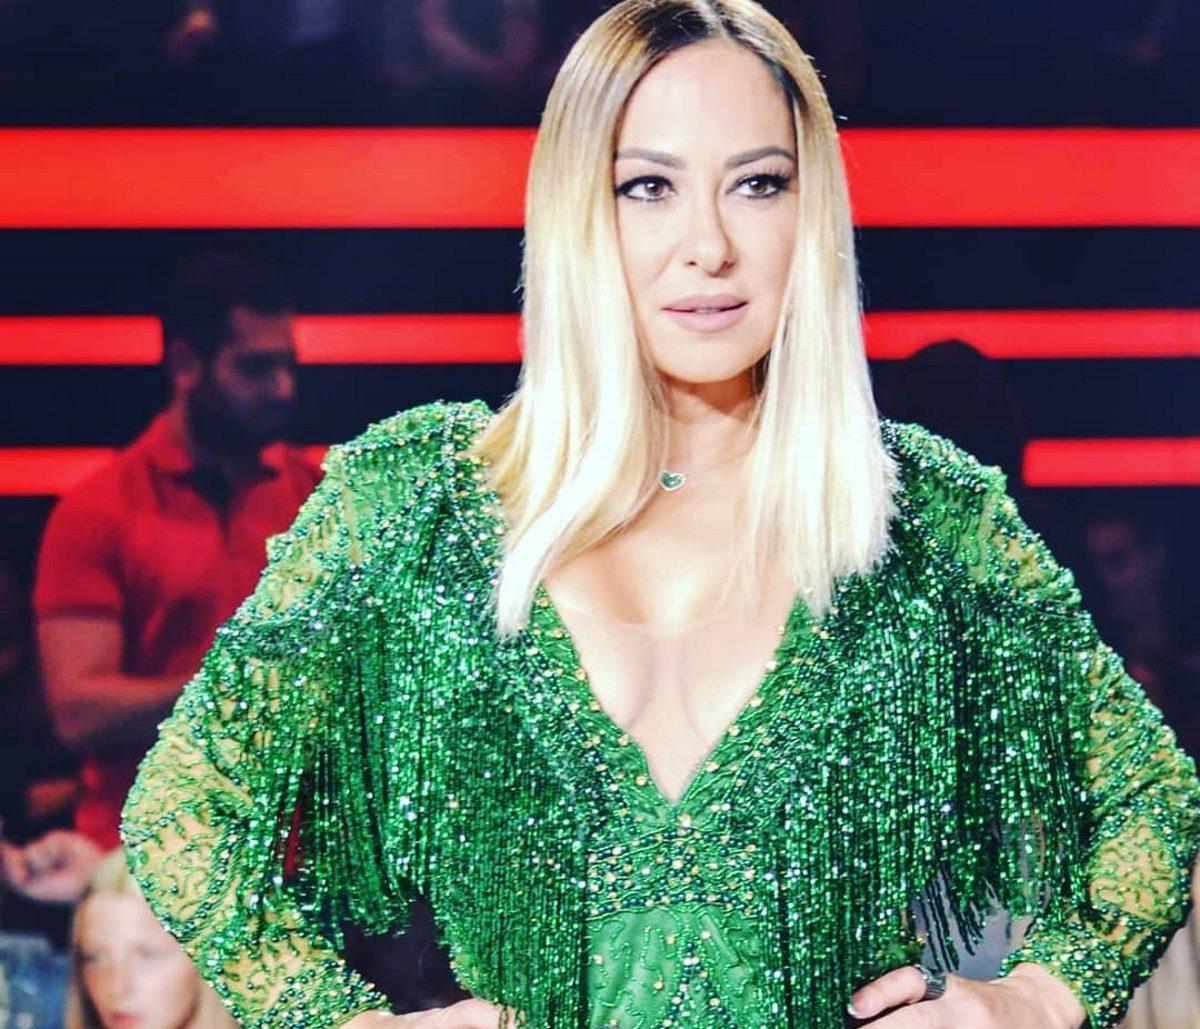 Μελίνα Ασλανίδου: Θύμα διαδικτυακής απάτης η γνωστή τραγουδίστρια!   tlife.gr